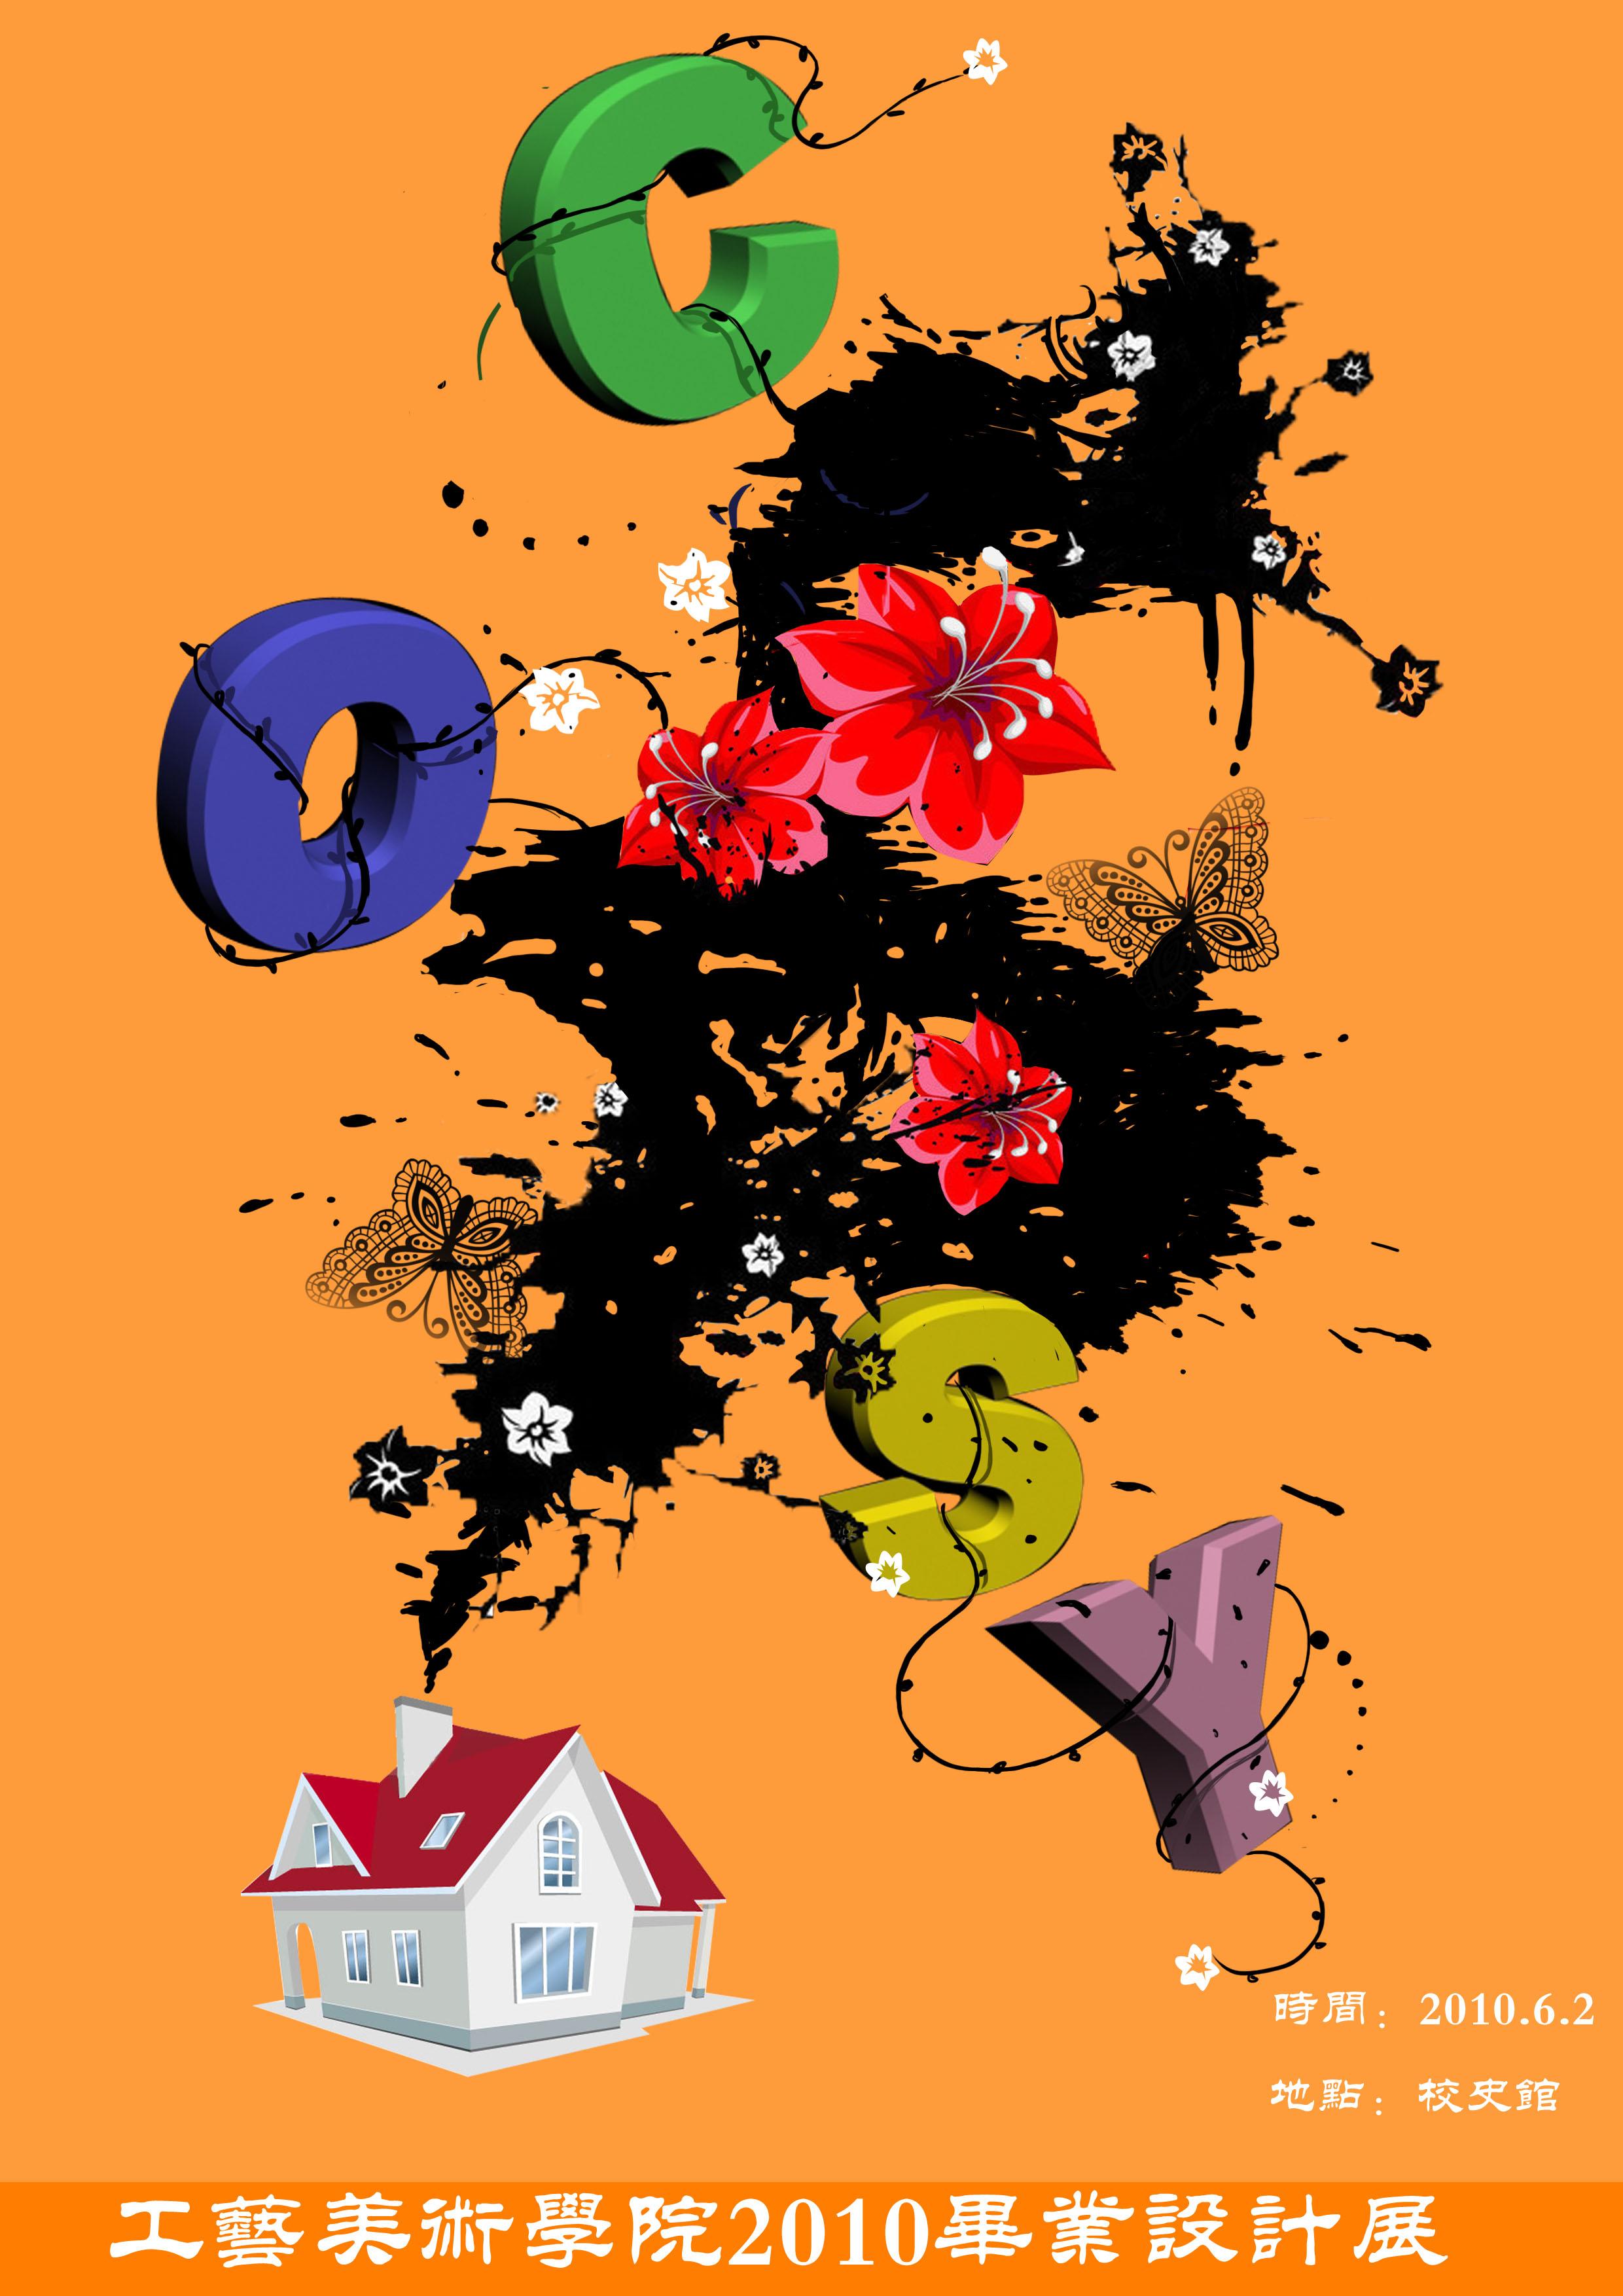 这是为我校工艺美术学院2010年毕业设计展设计的海报招贴图片